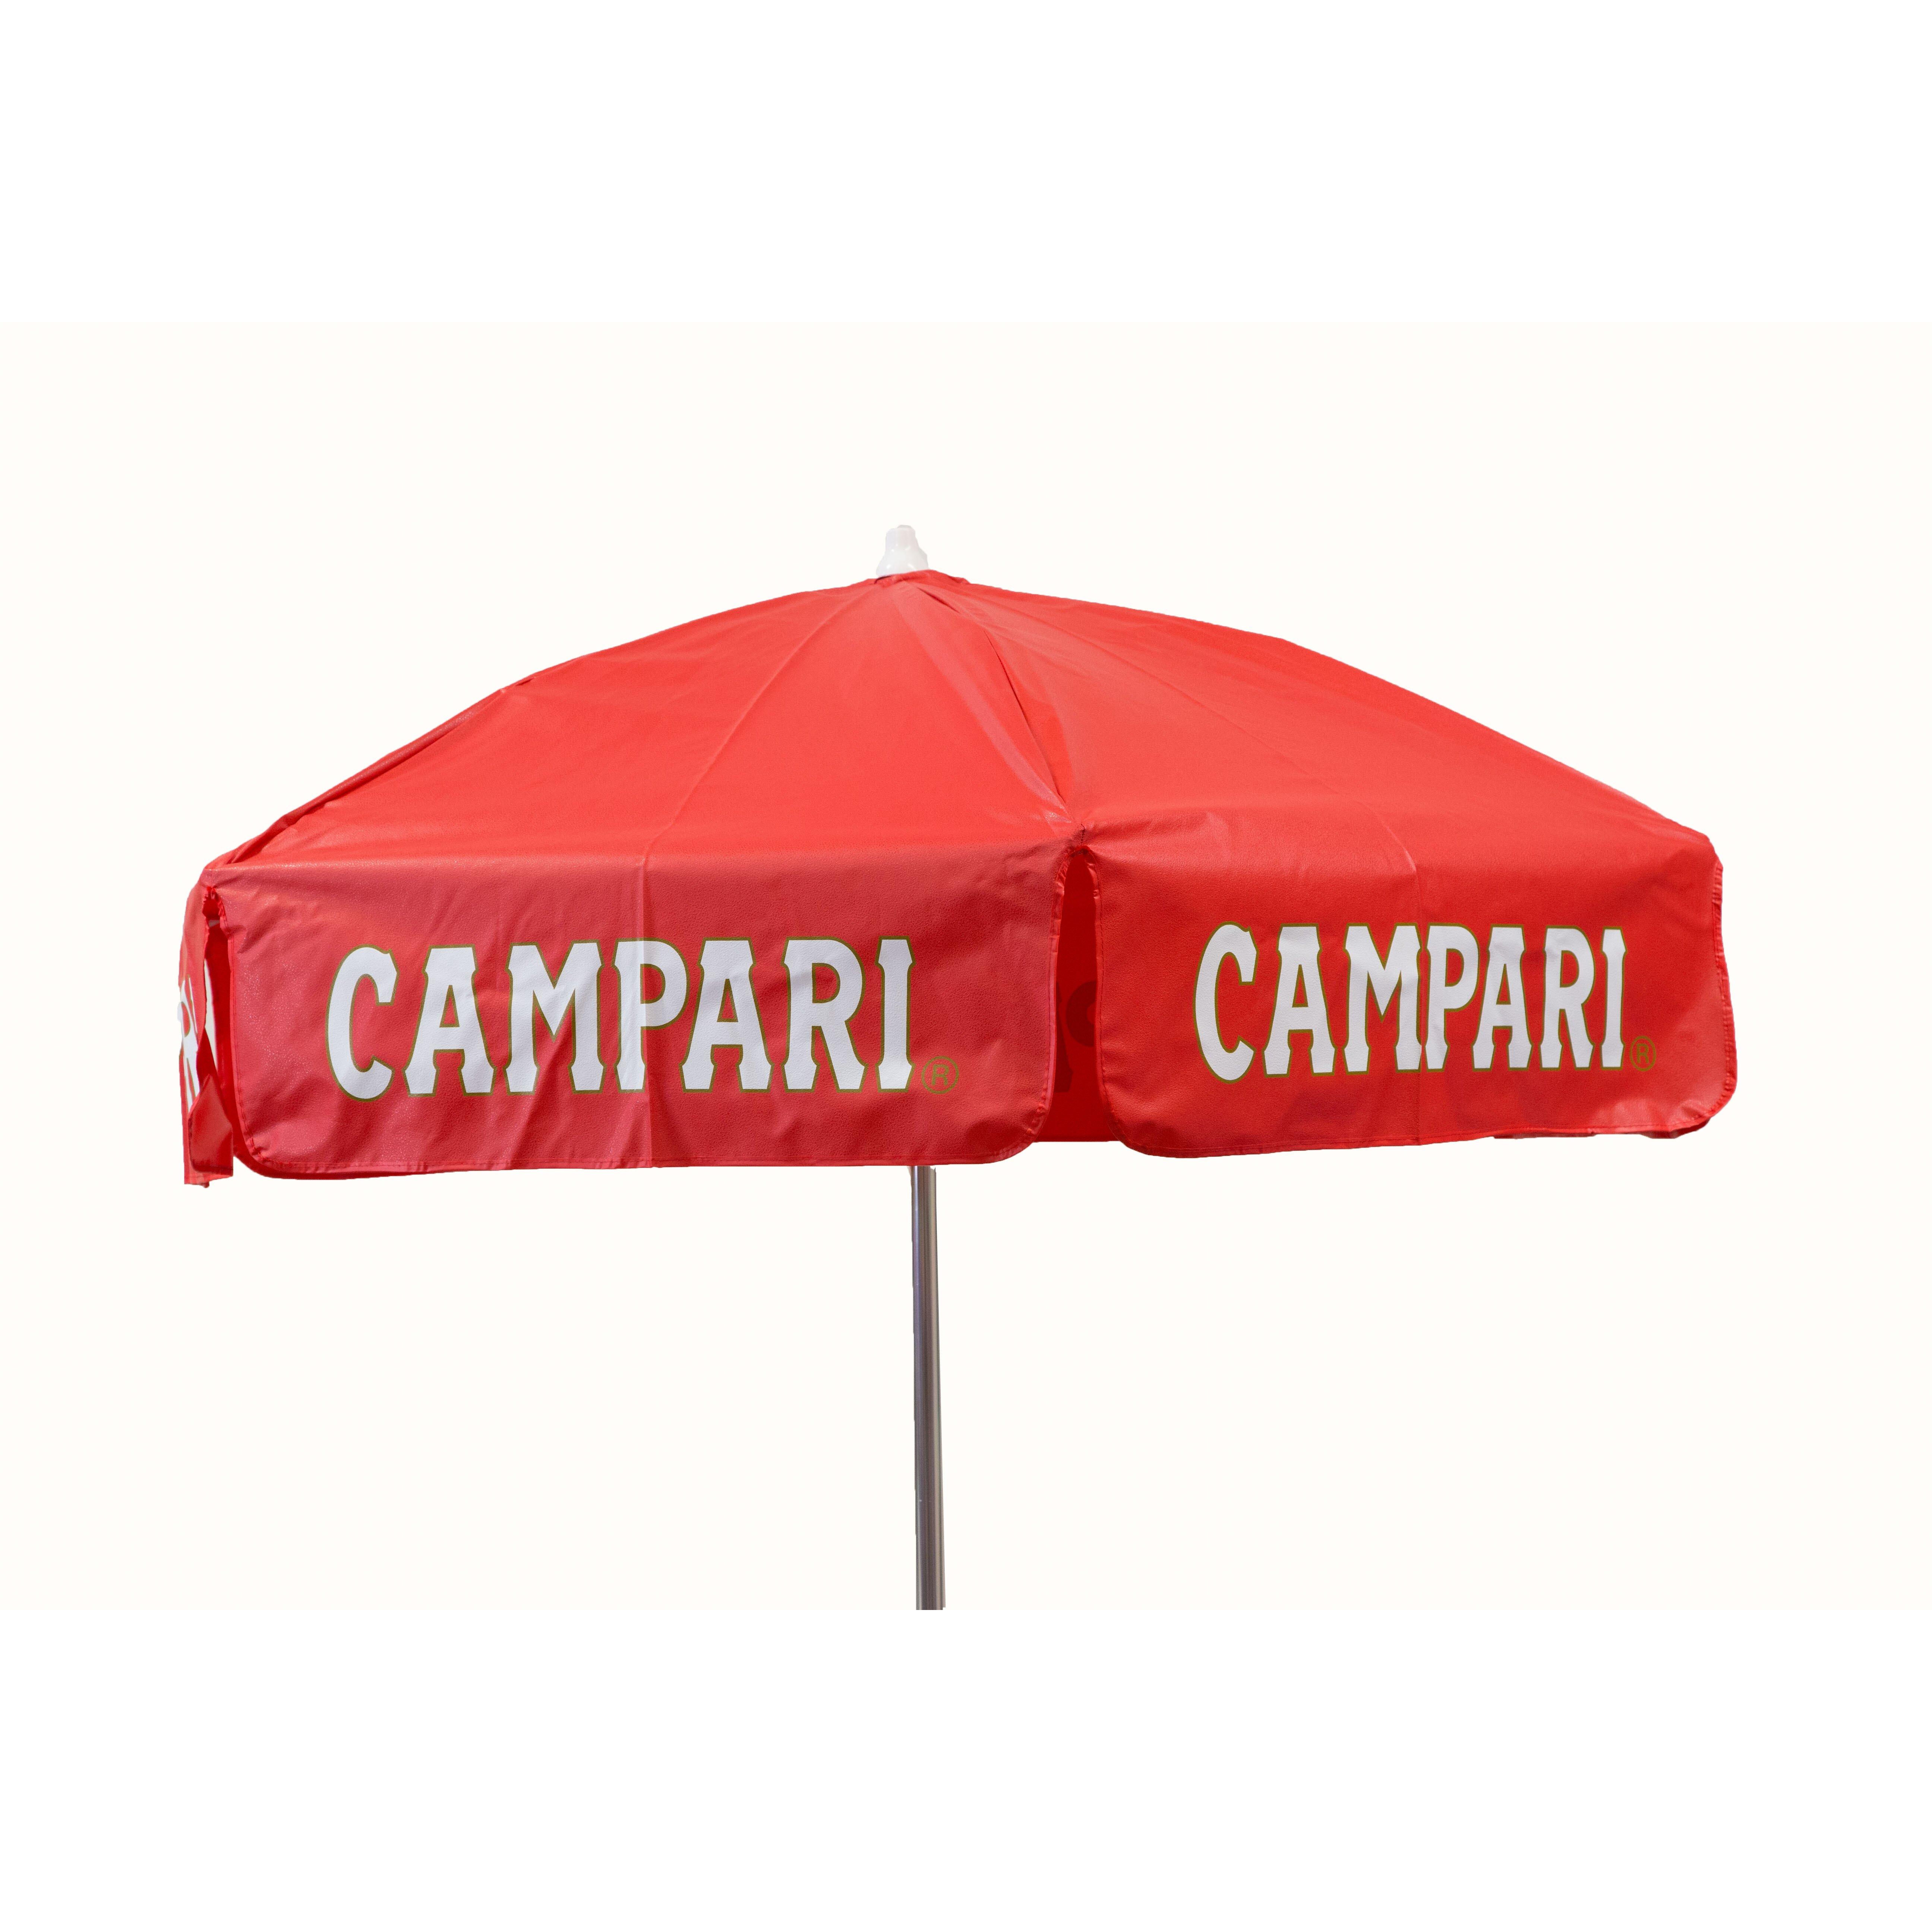 italian patio umbrellas italian patio umbrellas  furniture oh  - italian patio umbrellas italian patio umbrellas  shades amp structures